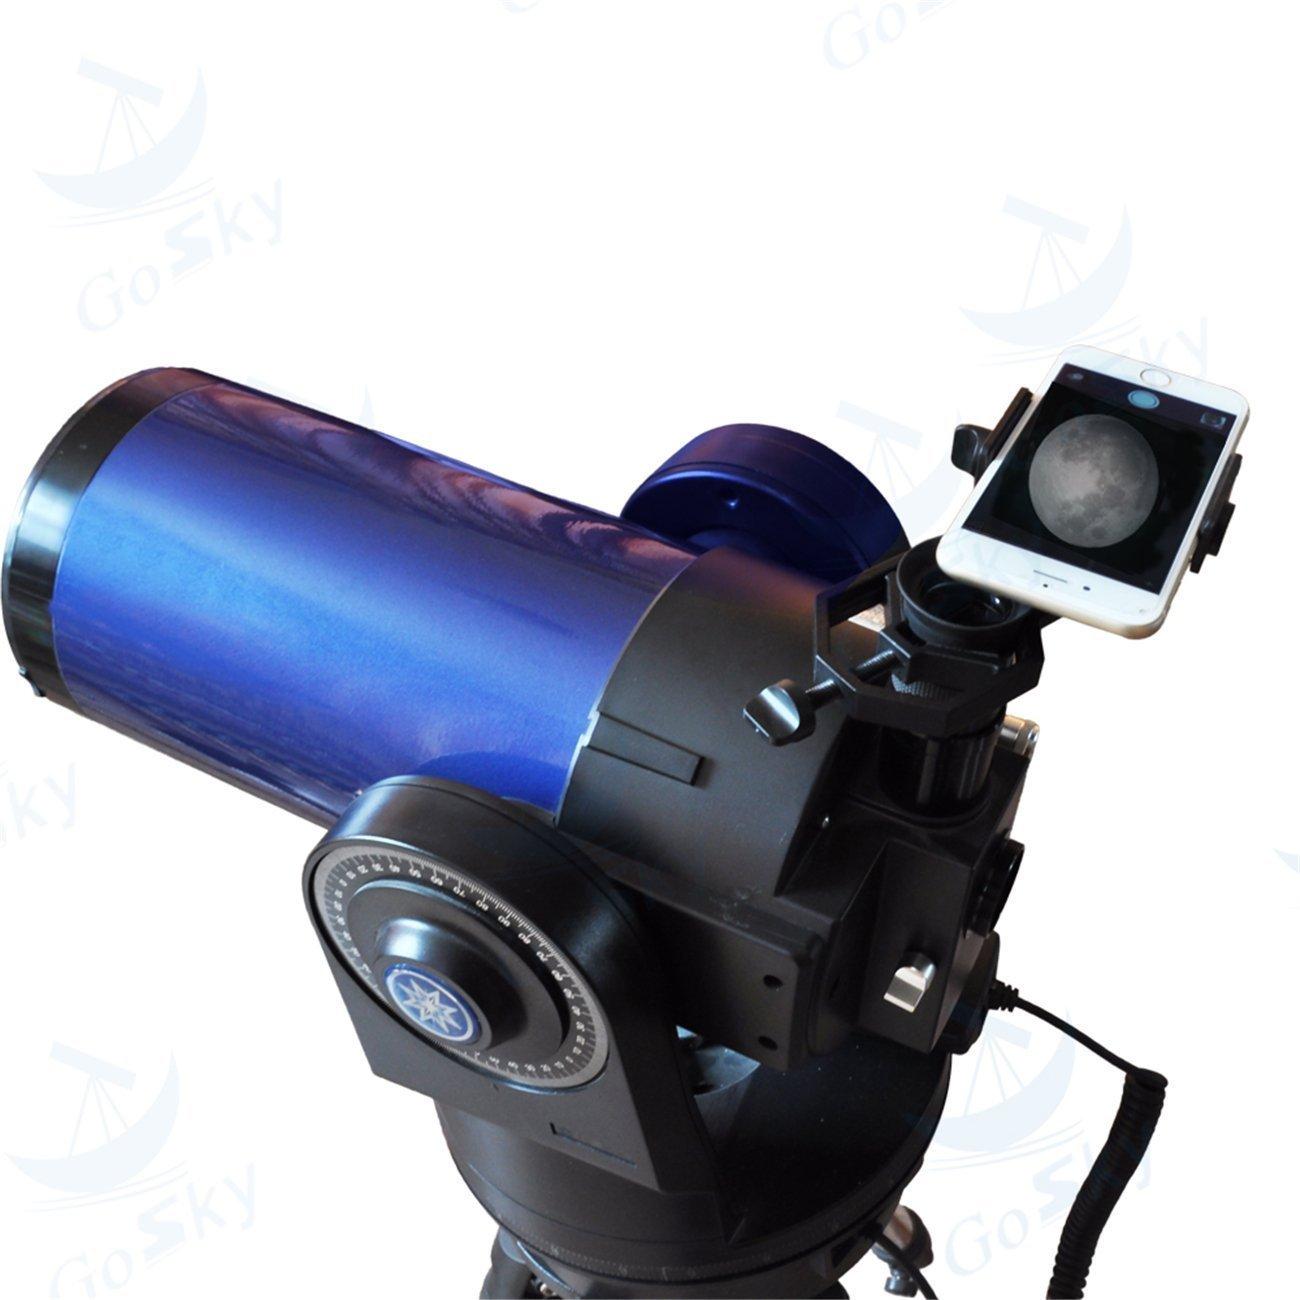 天体観測のついでにスマーフォンでサクッと天体撮影。双眼鏡、顕微鏡にも併用OKのアダプター